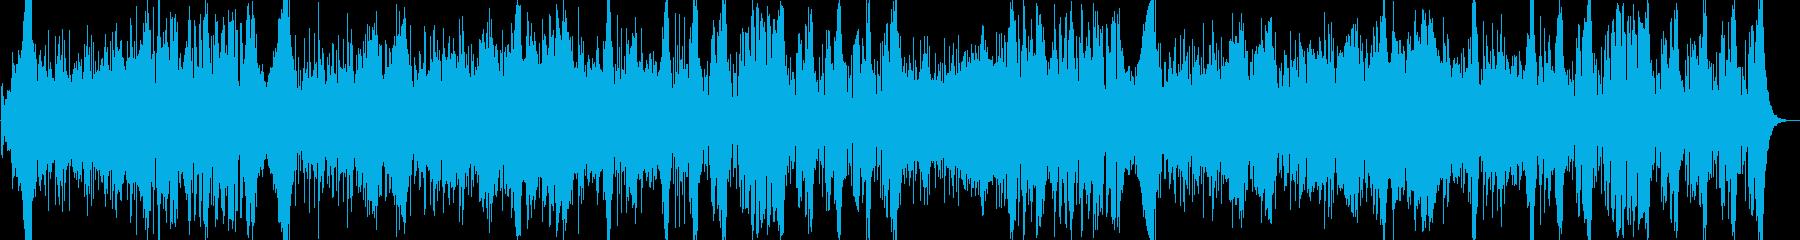 オーケストラバトル曲の再生済みの波形